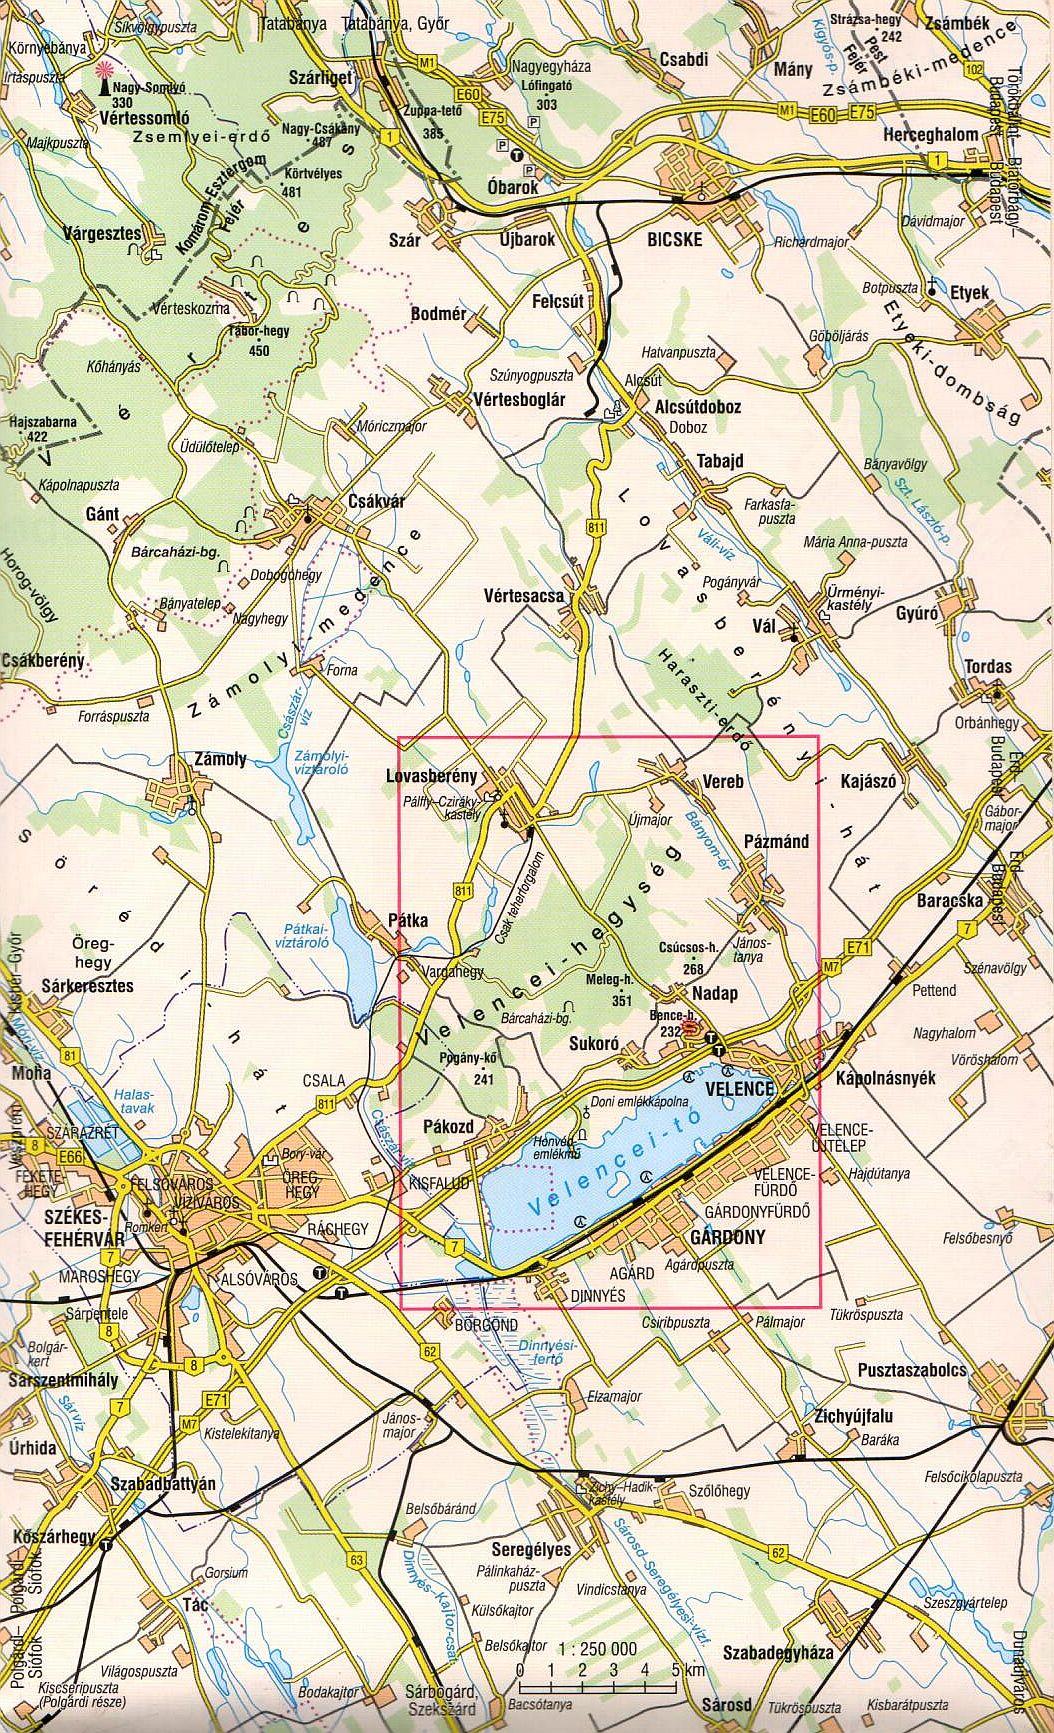 Velencei-tó / Velencei-hg. áttekintő térkép